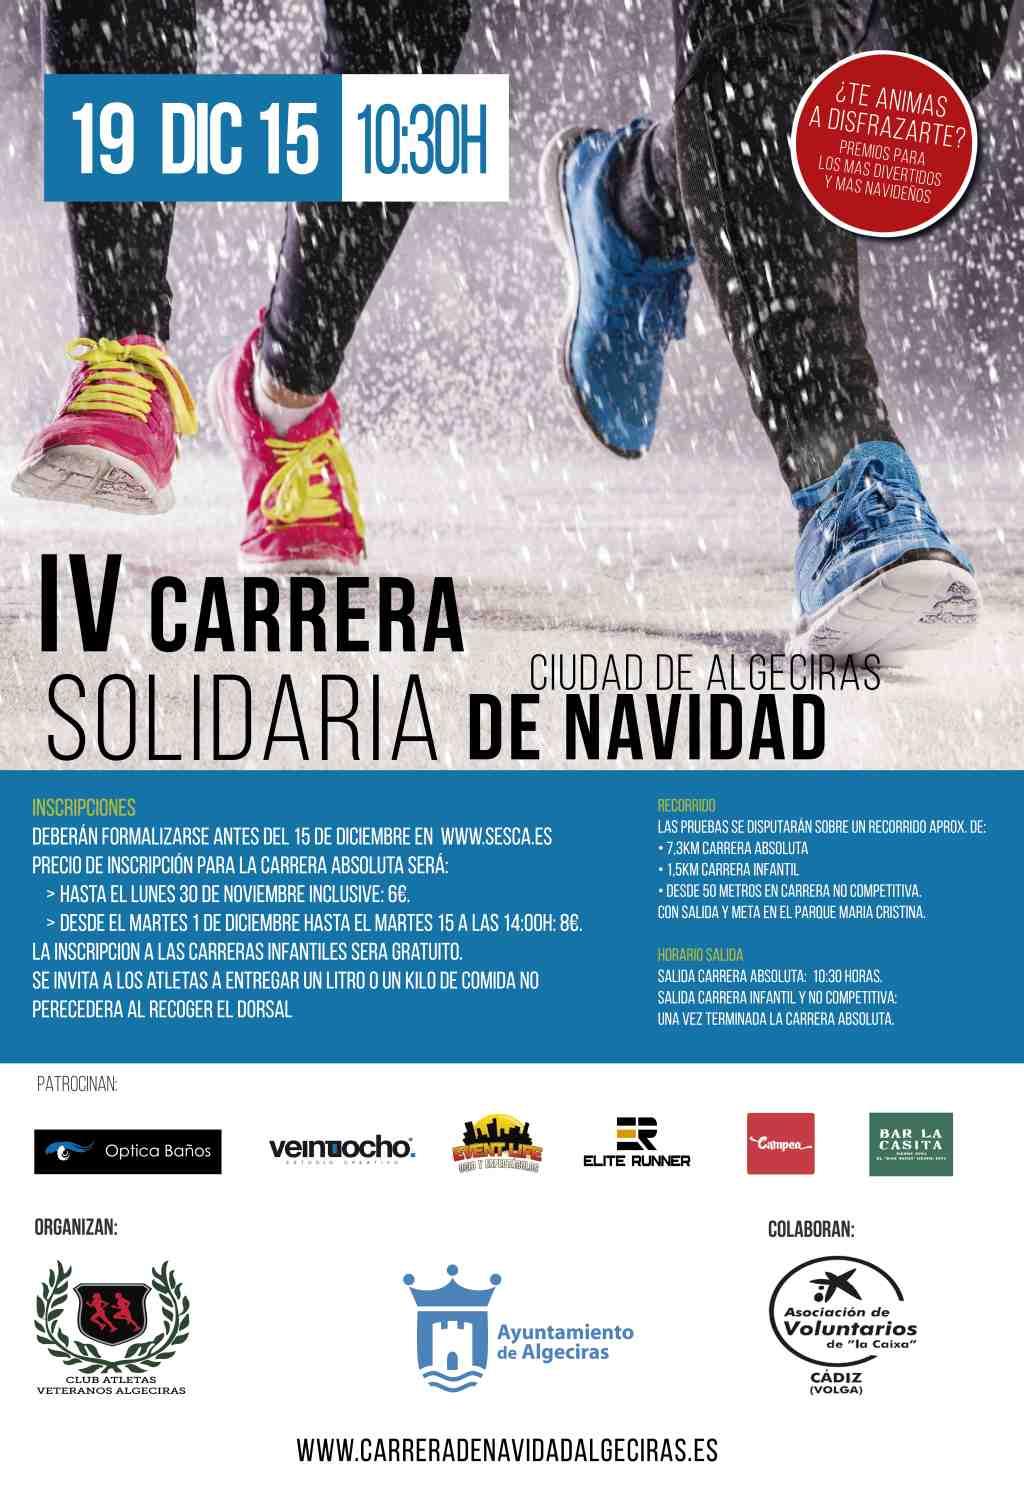 IV Carrera Solidaria Navidad de Algeciras